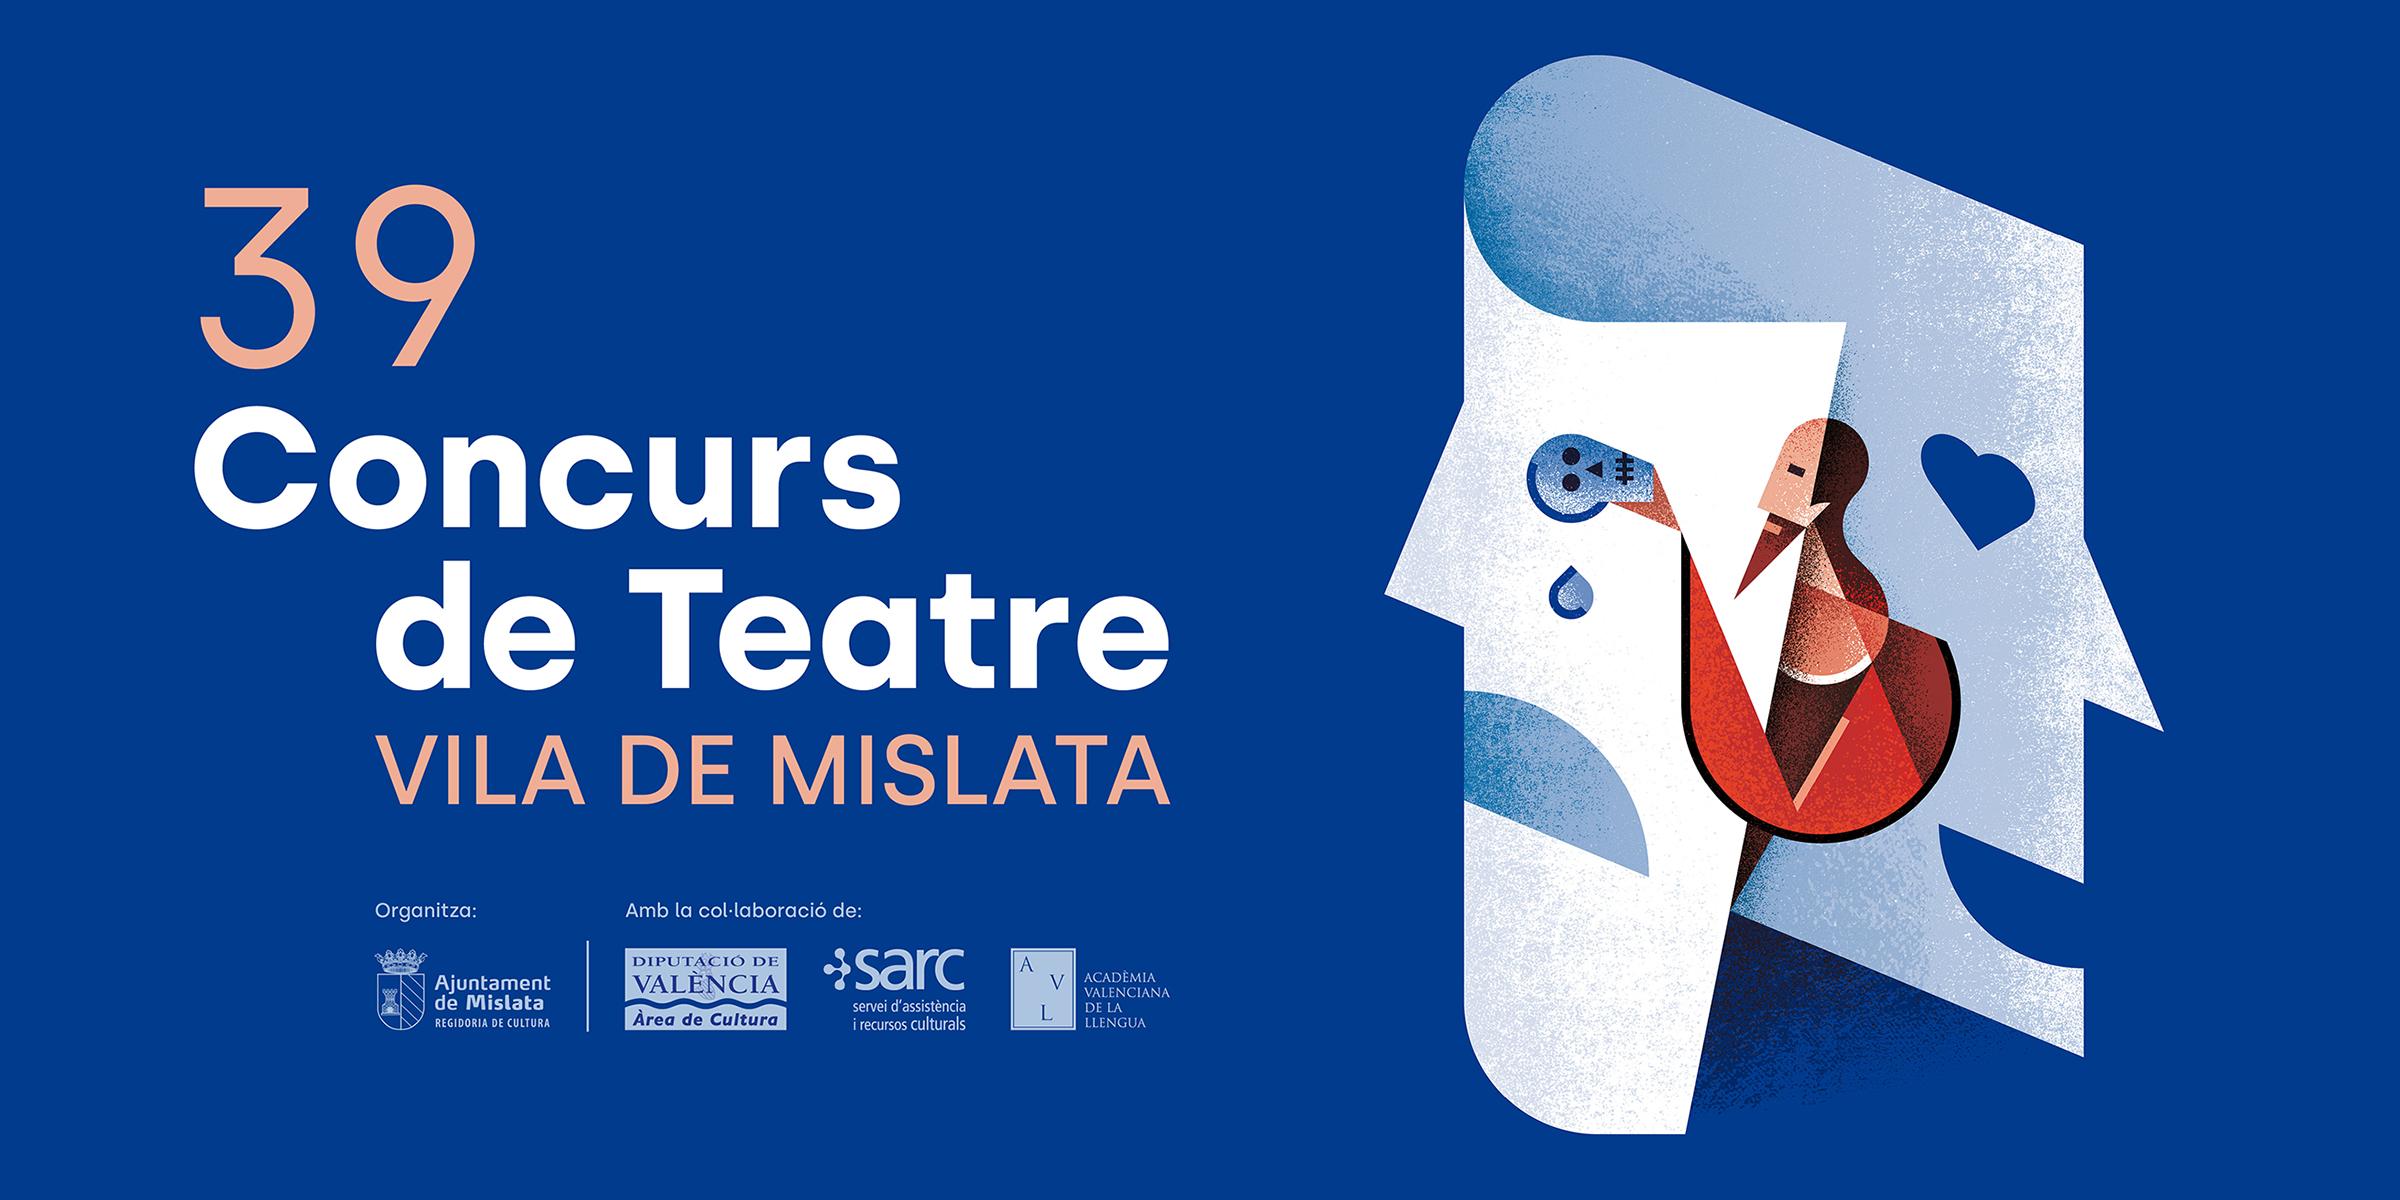 39 Concurs de Teatre Vila de Mislata